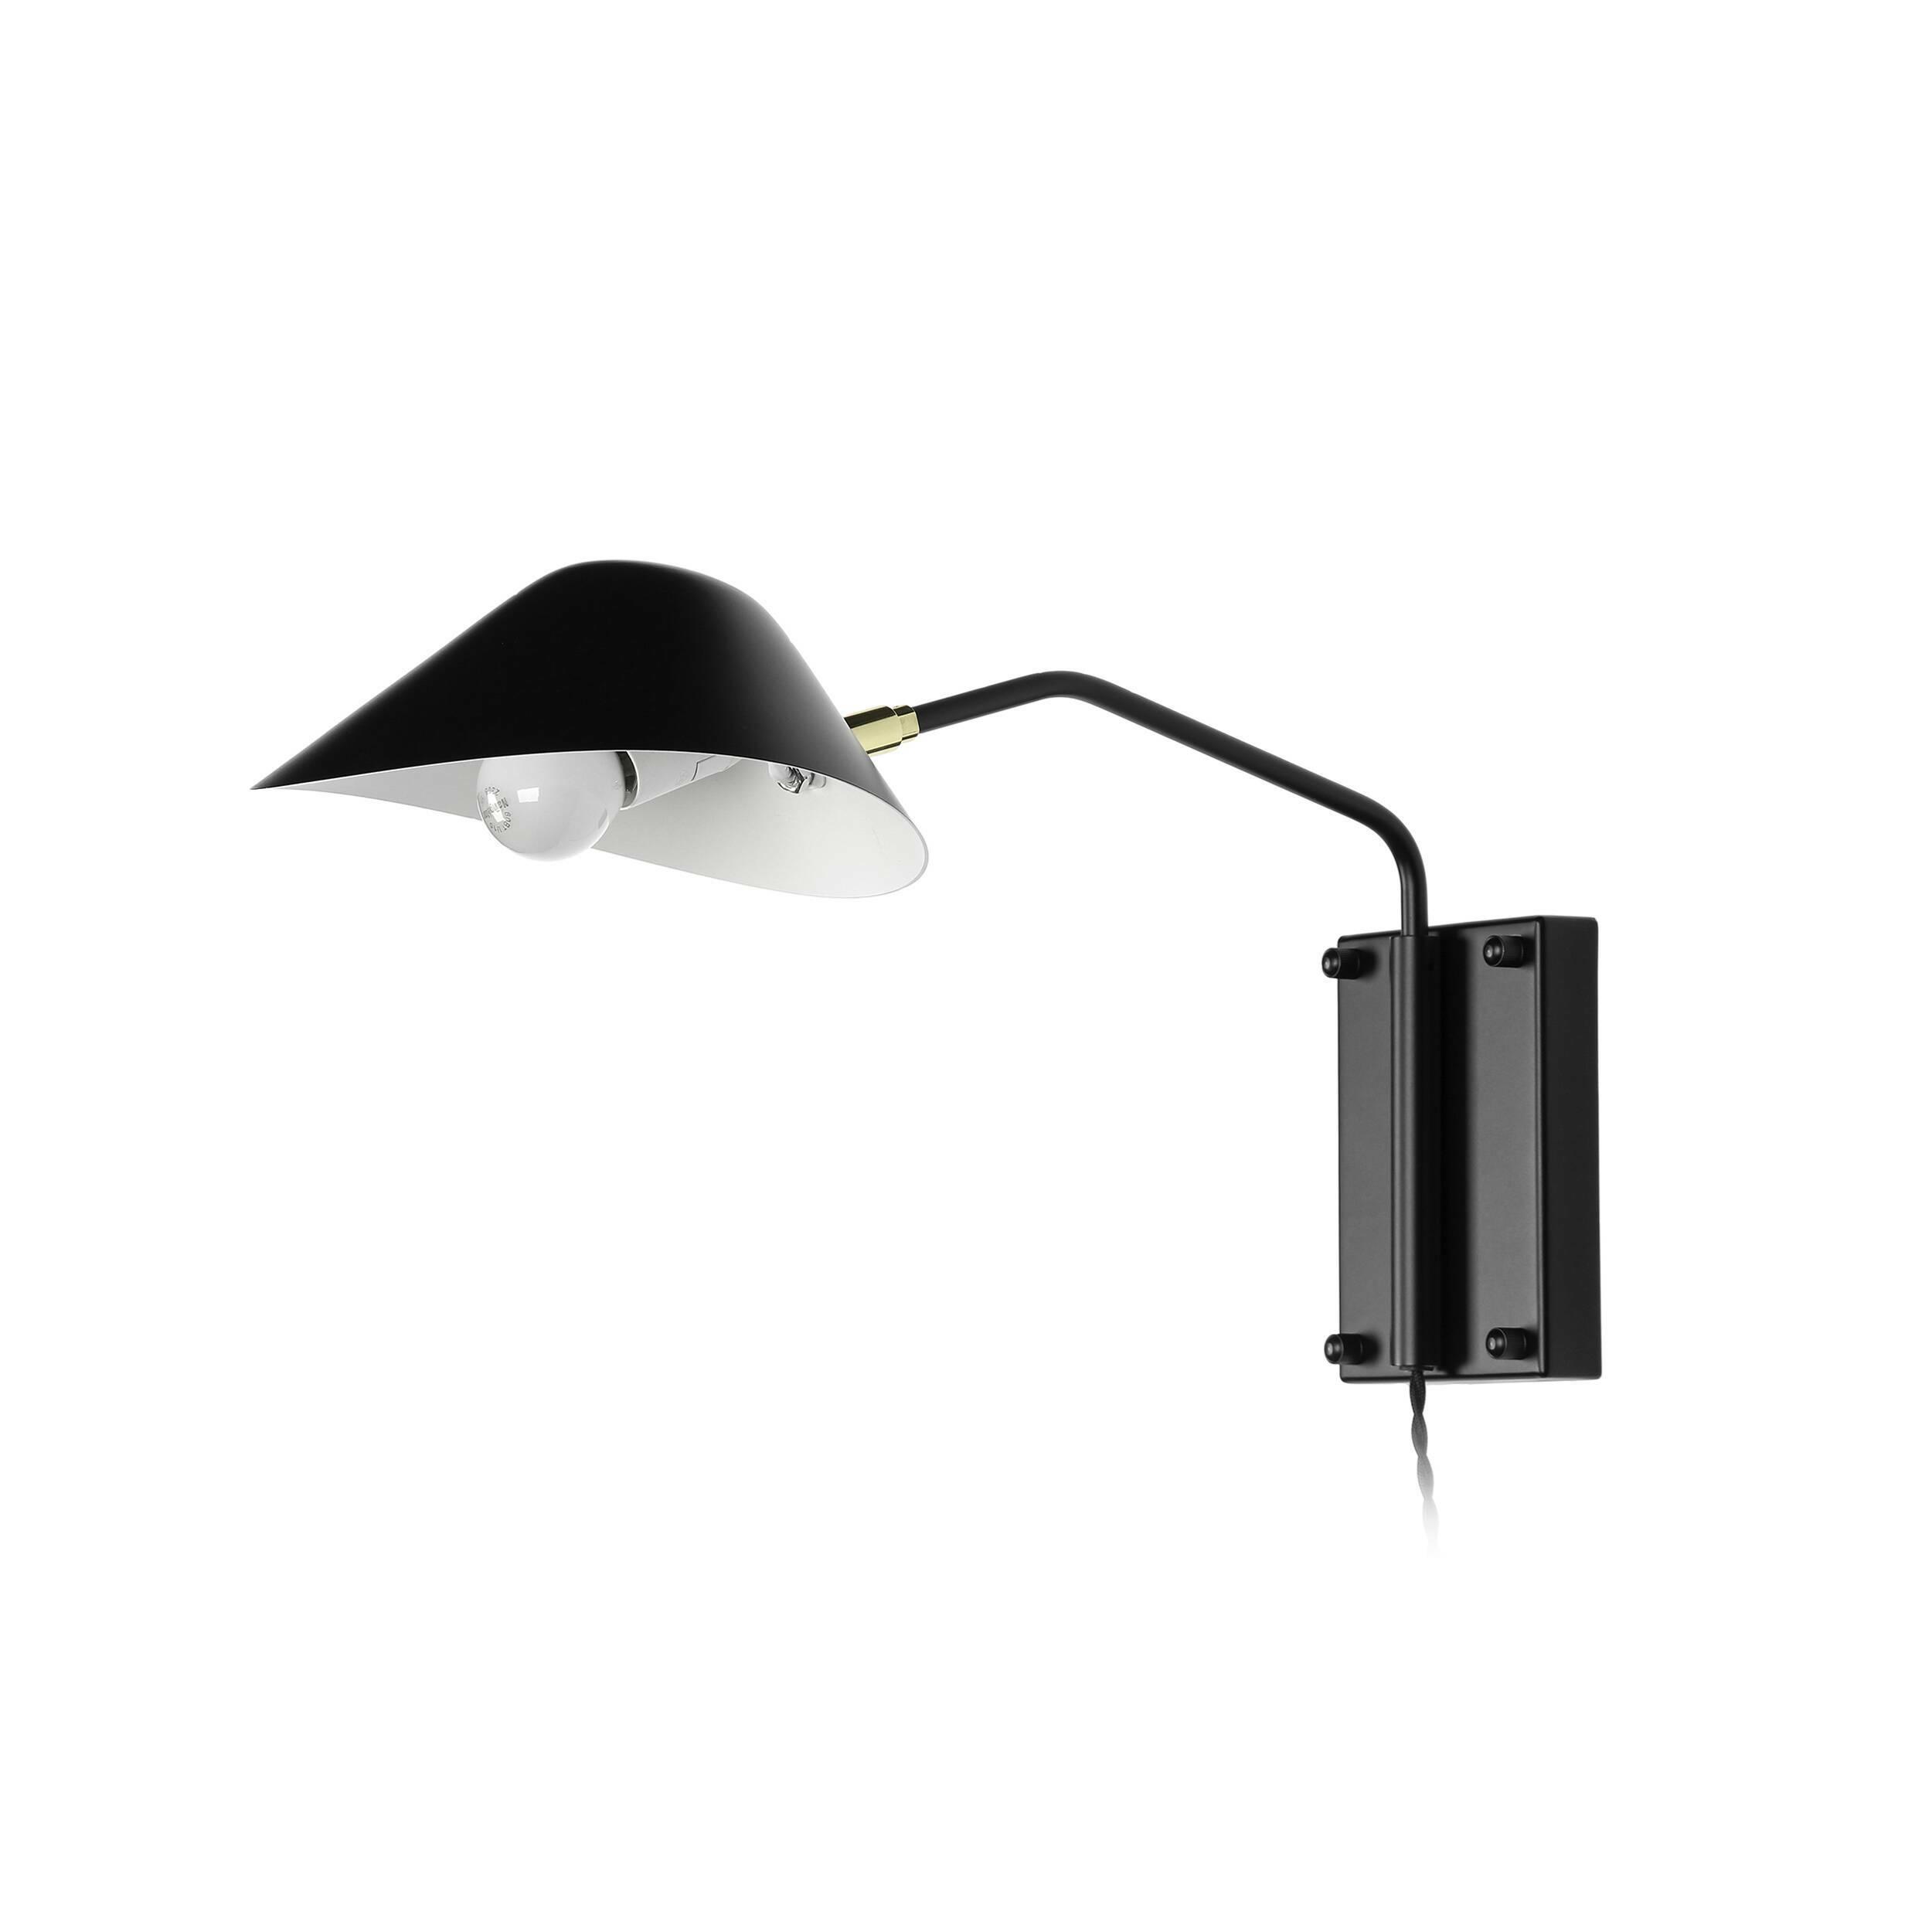 Настенный светильник Collet длина штанги 49Настенные<br>Лофт подразумевает наличие в интерьере грубоватых форм и голых стен. Но такая обстановка не была бы столь привлекательной, если бы этот чердачный стиль не украшался самыми современными, функциональными элементами, например красивыми и качественными источниками освещения. Настенный светильник Collet длина штанги 49 представляет собой как раз такое элегантное дополнение, которое придает лофт-пространству необыкновенное очарование и шарм.<br><br><br> Светильник особенно привлекателен продуманным ди...<br><br>stock: 1<br>Высота: 28,5<br>Длина: 49<br>Количество ламп: 1<br>Материал абажура: Алюминий<br>Материал арматуры: Металл<br>Мощность лампы: 60<br>Ламп в комплекте: Нет<br>Тип лампы/цоколь: E14<br>Цвет абажура: Черный<br>Цвет арматуры: Черный